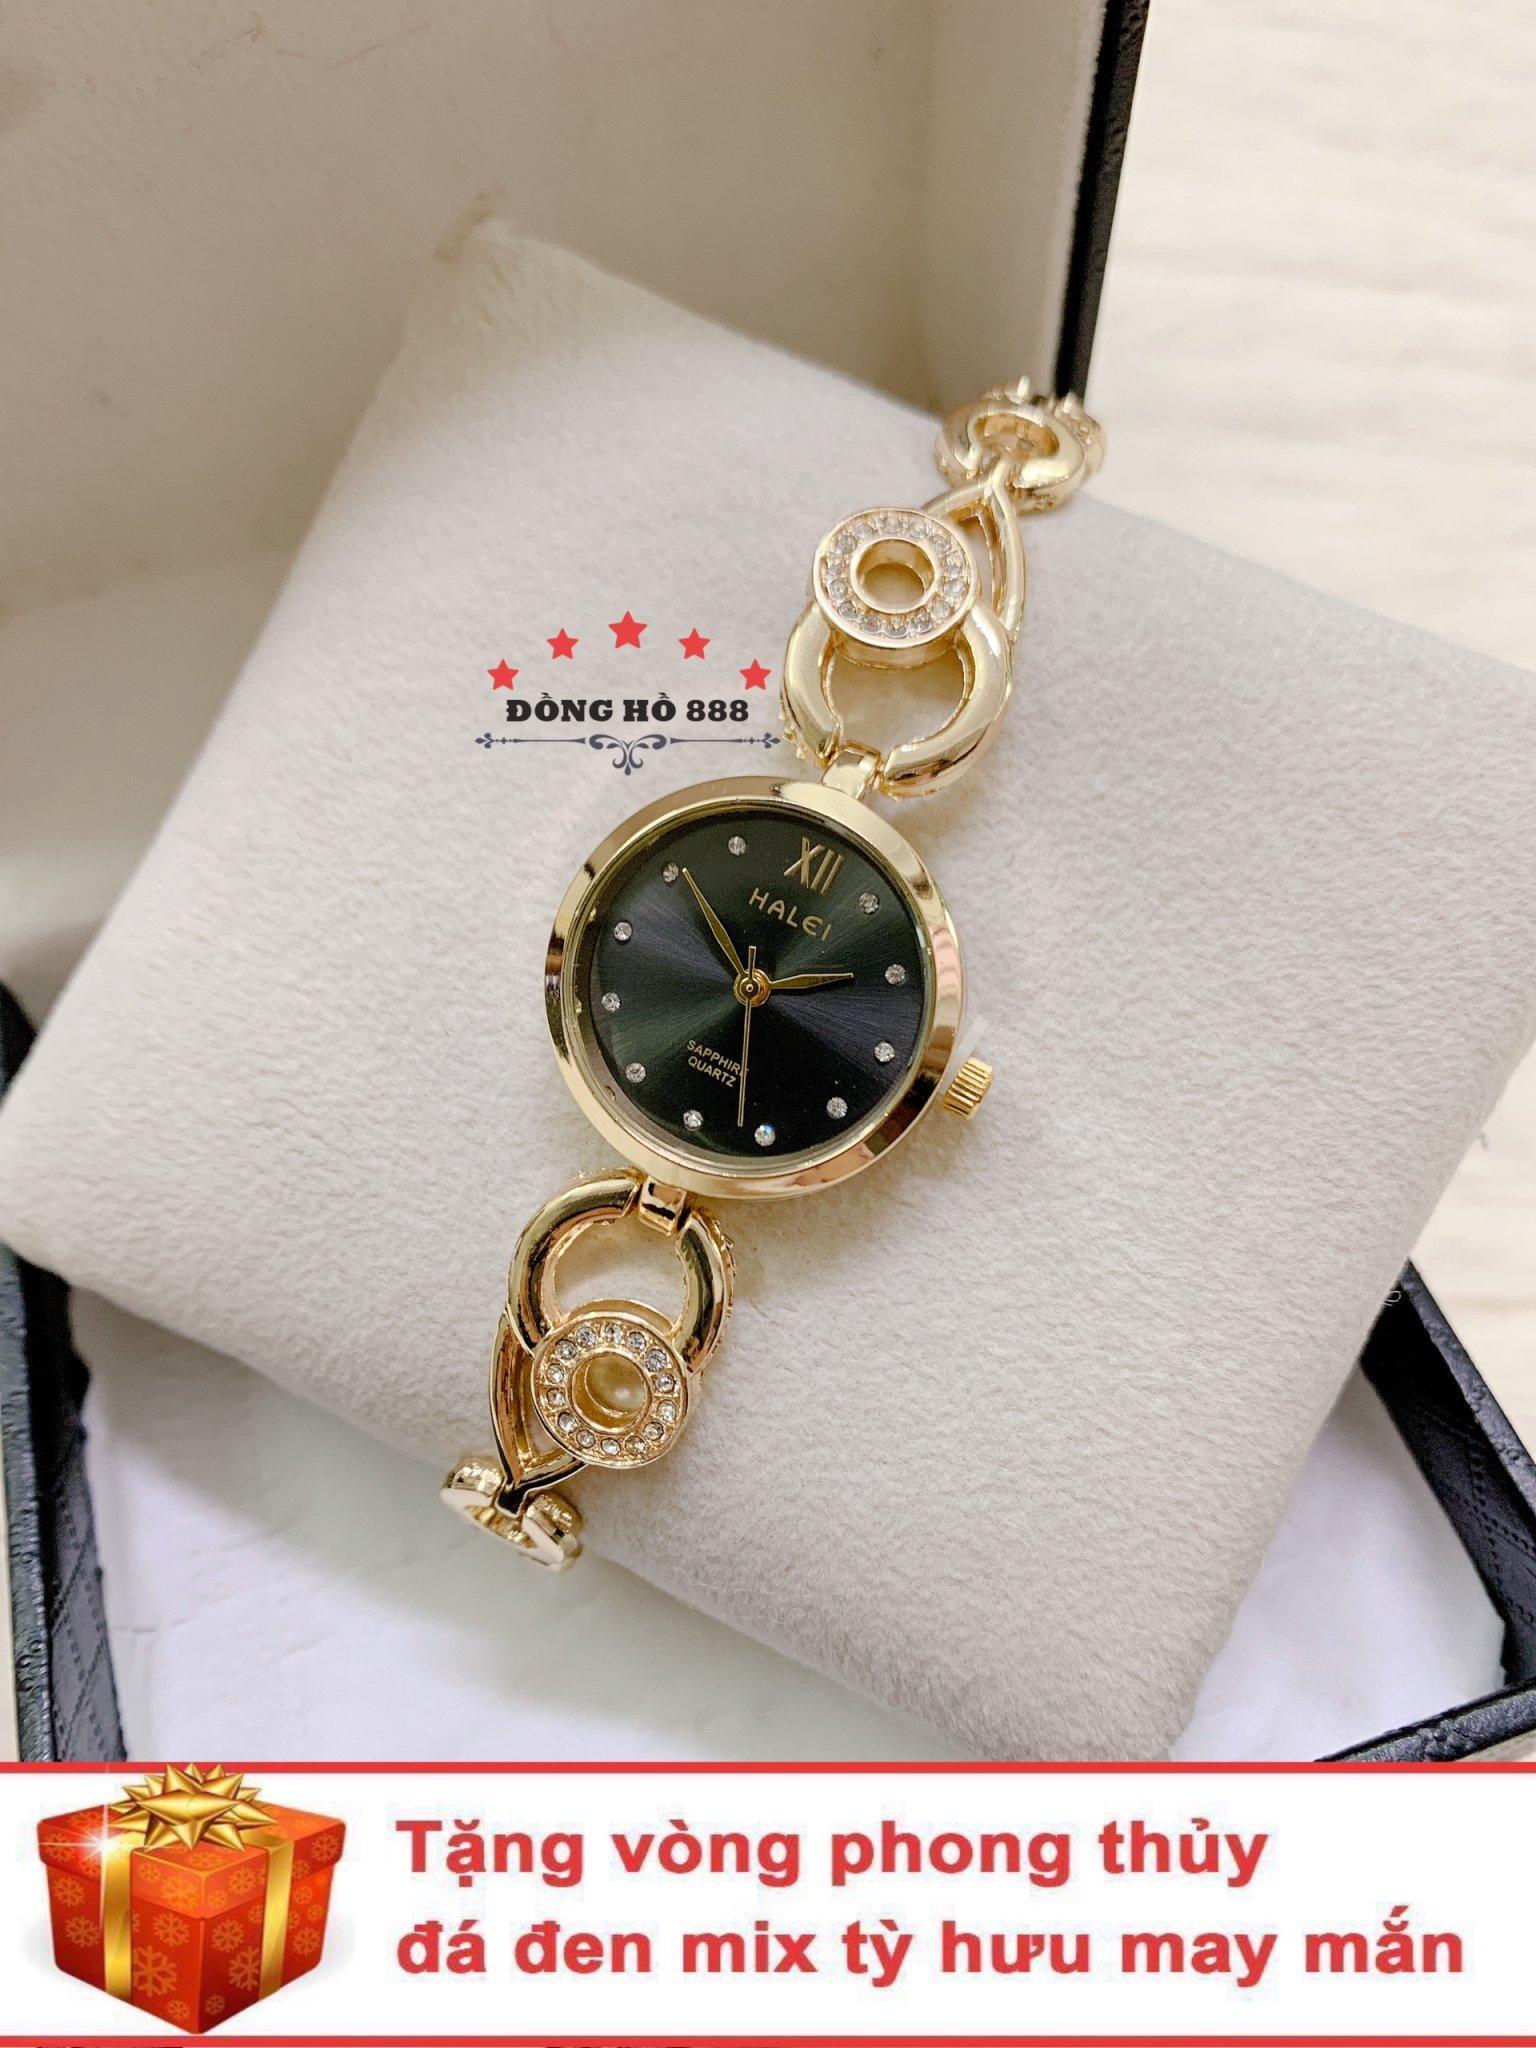 Đồng hồ nữ HALEI dây lắc thời thượng ( Dây vàng mặt đen ) - TẶNG 1 vòng tỳ hưu phong thuỷ bán chạy